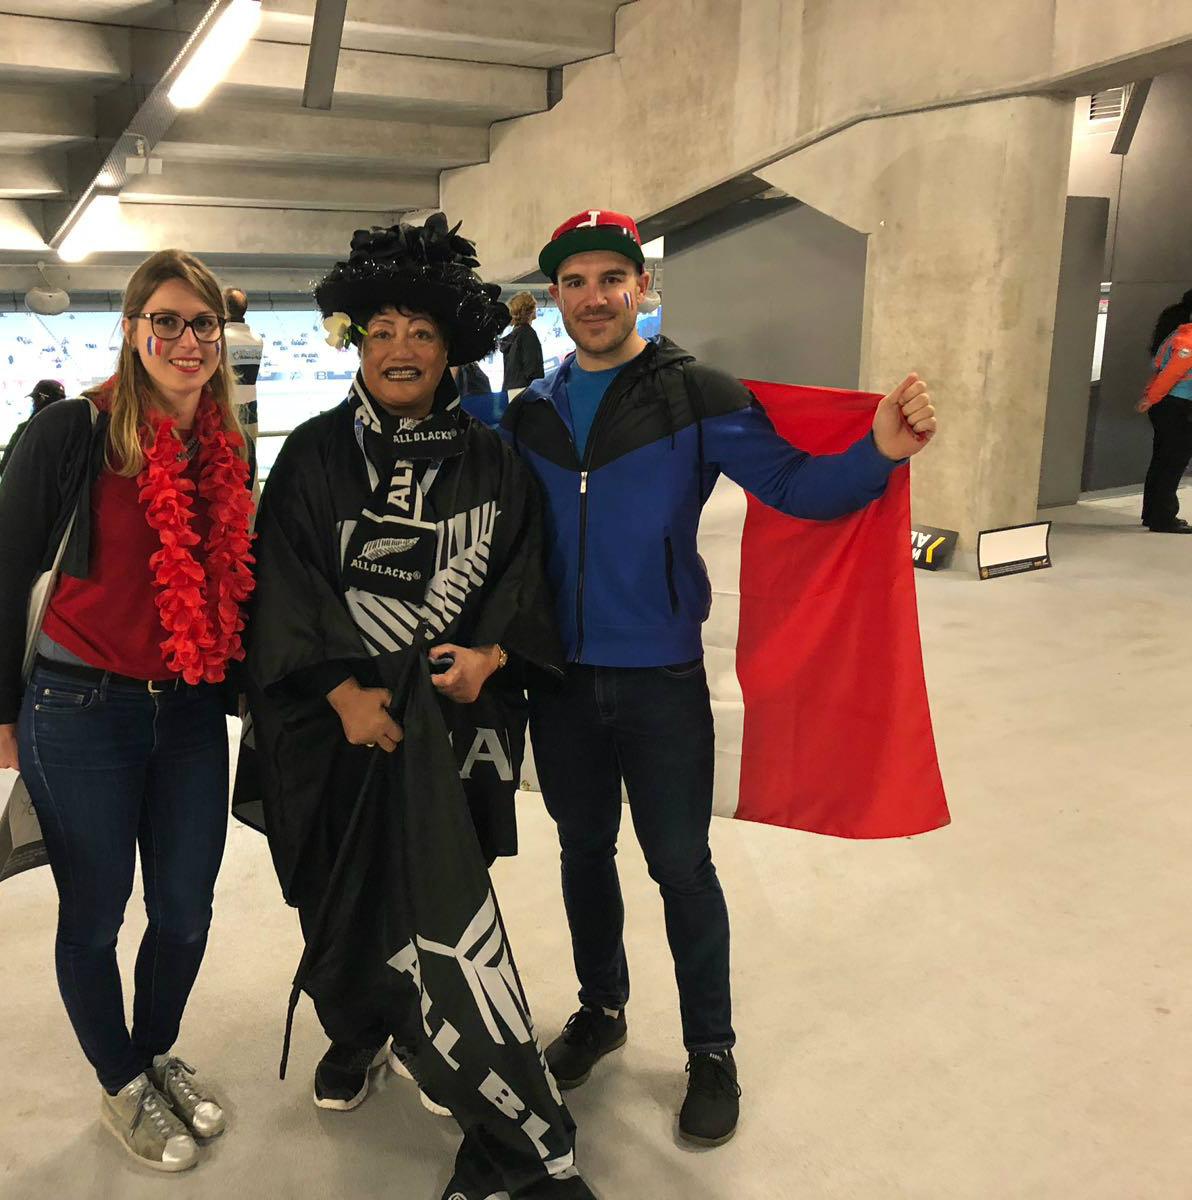 Rencontre avec les fans All Blacks dans les couloirs du stade